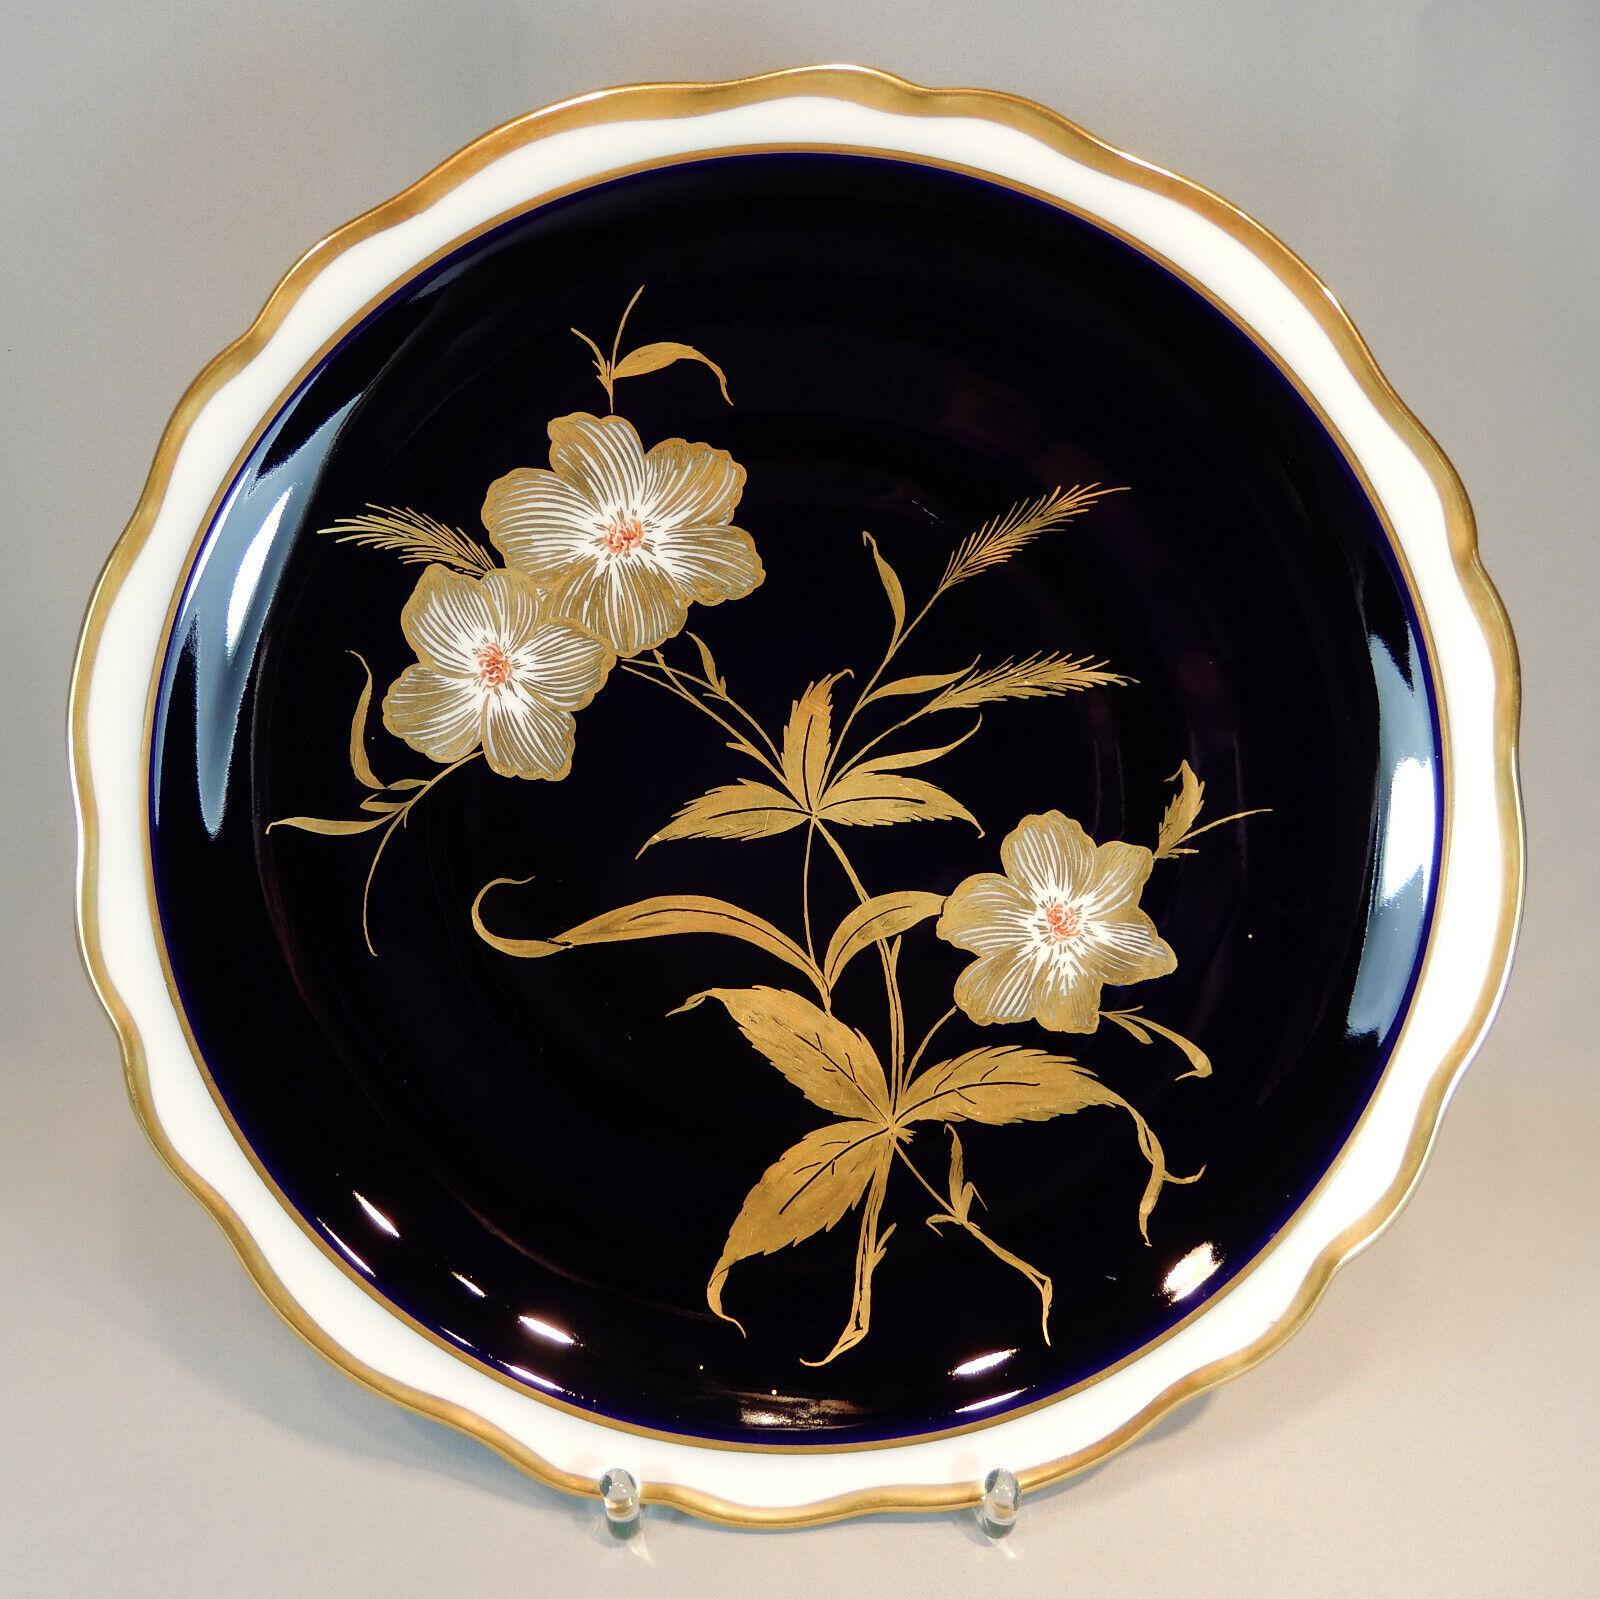 Weimar apparat Assiette Assiettes or Cobalt Blanc Corail baroque 35 cm nordt peinture